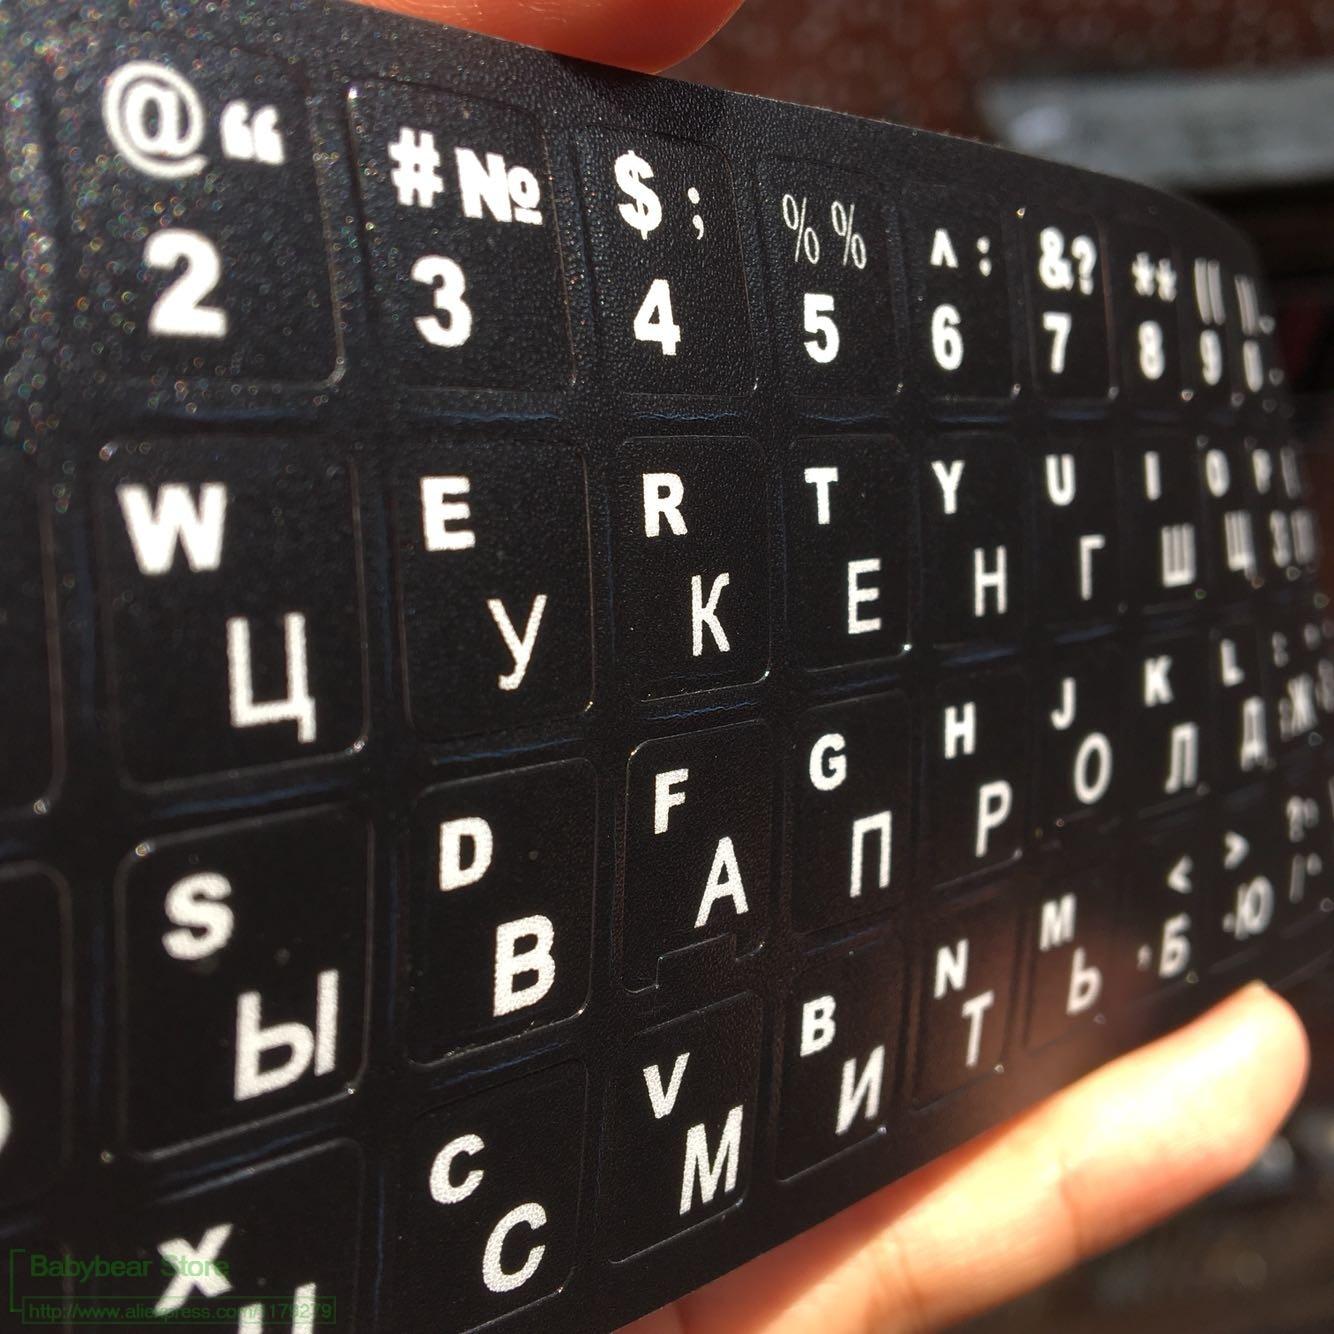 linkedrussian keyboard type russian onlinetype russian letters online russian keyboardrussian keyboard online cyrillic alphabet